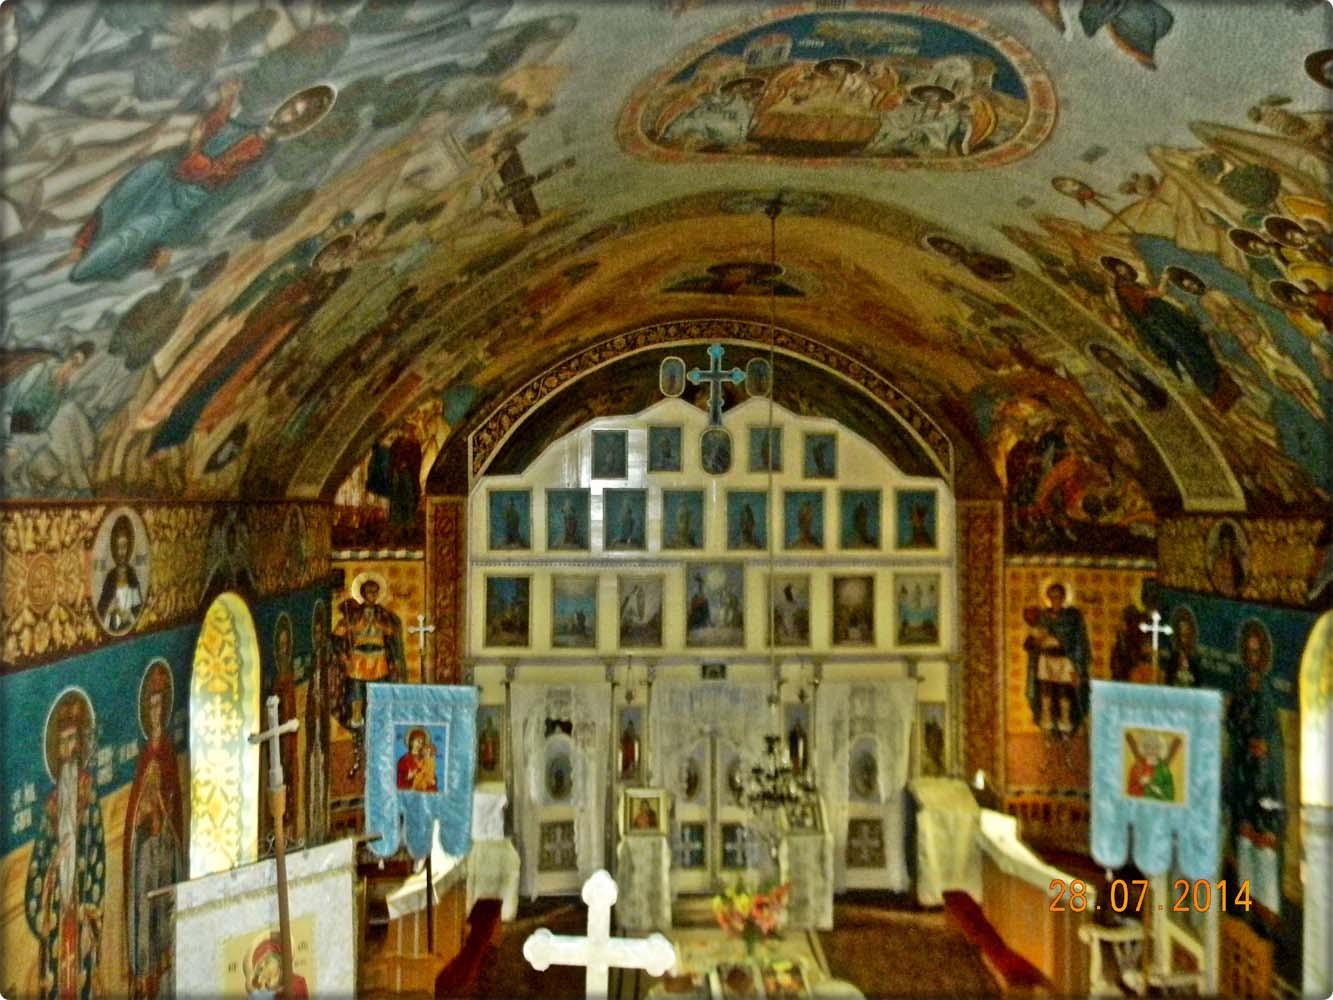 interiorul bisericii-vedere de sus